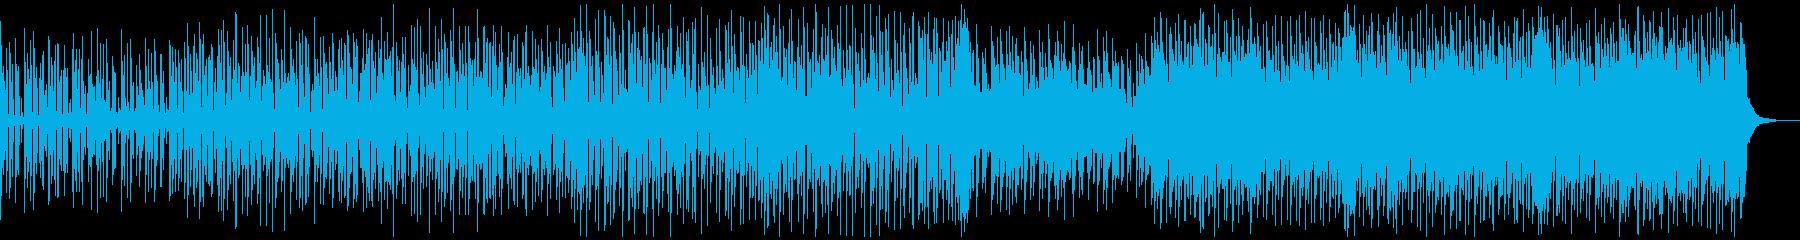 民謡 美しい 子ども ウクレレ 鉄琴の再生済みの波形